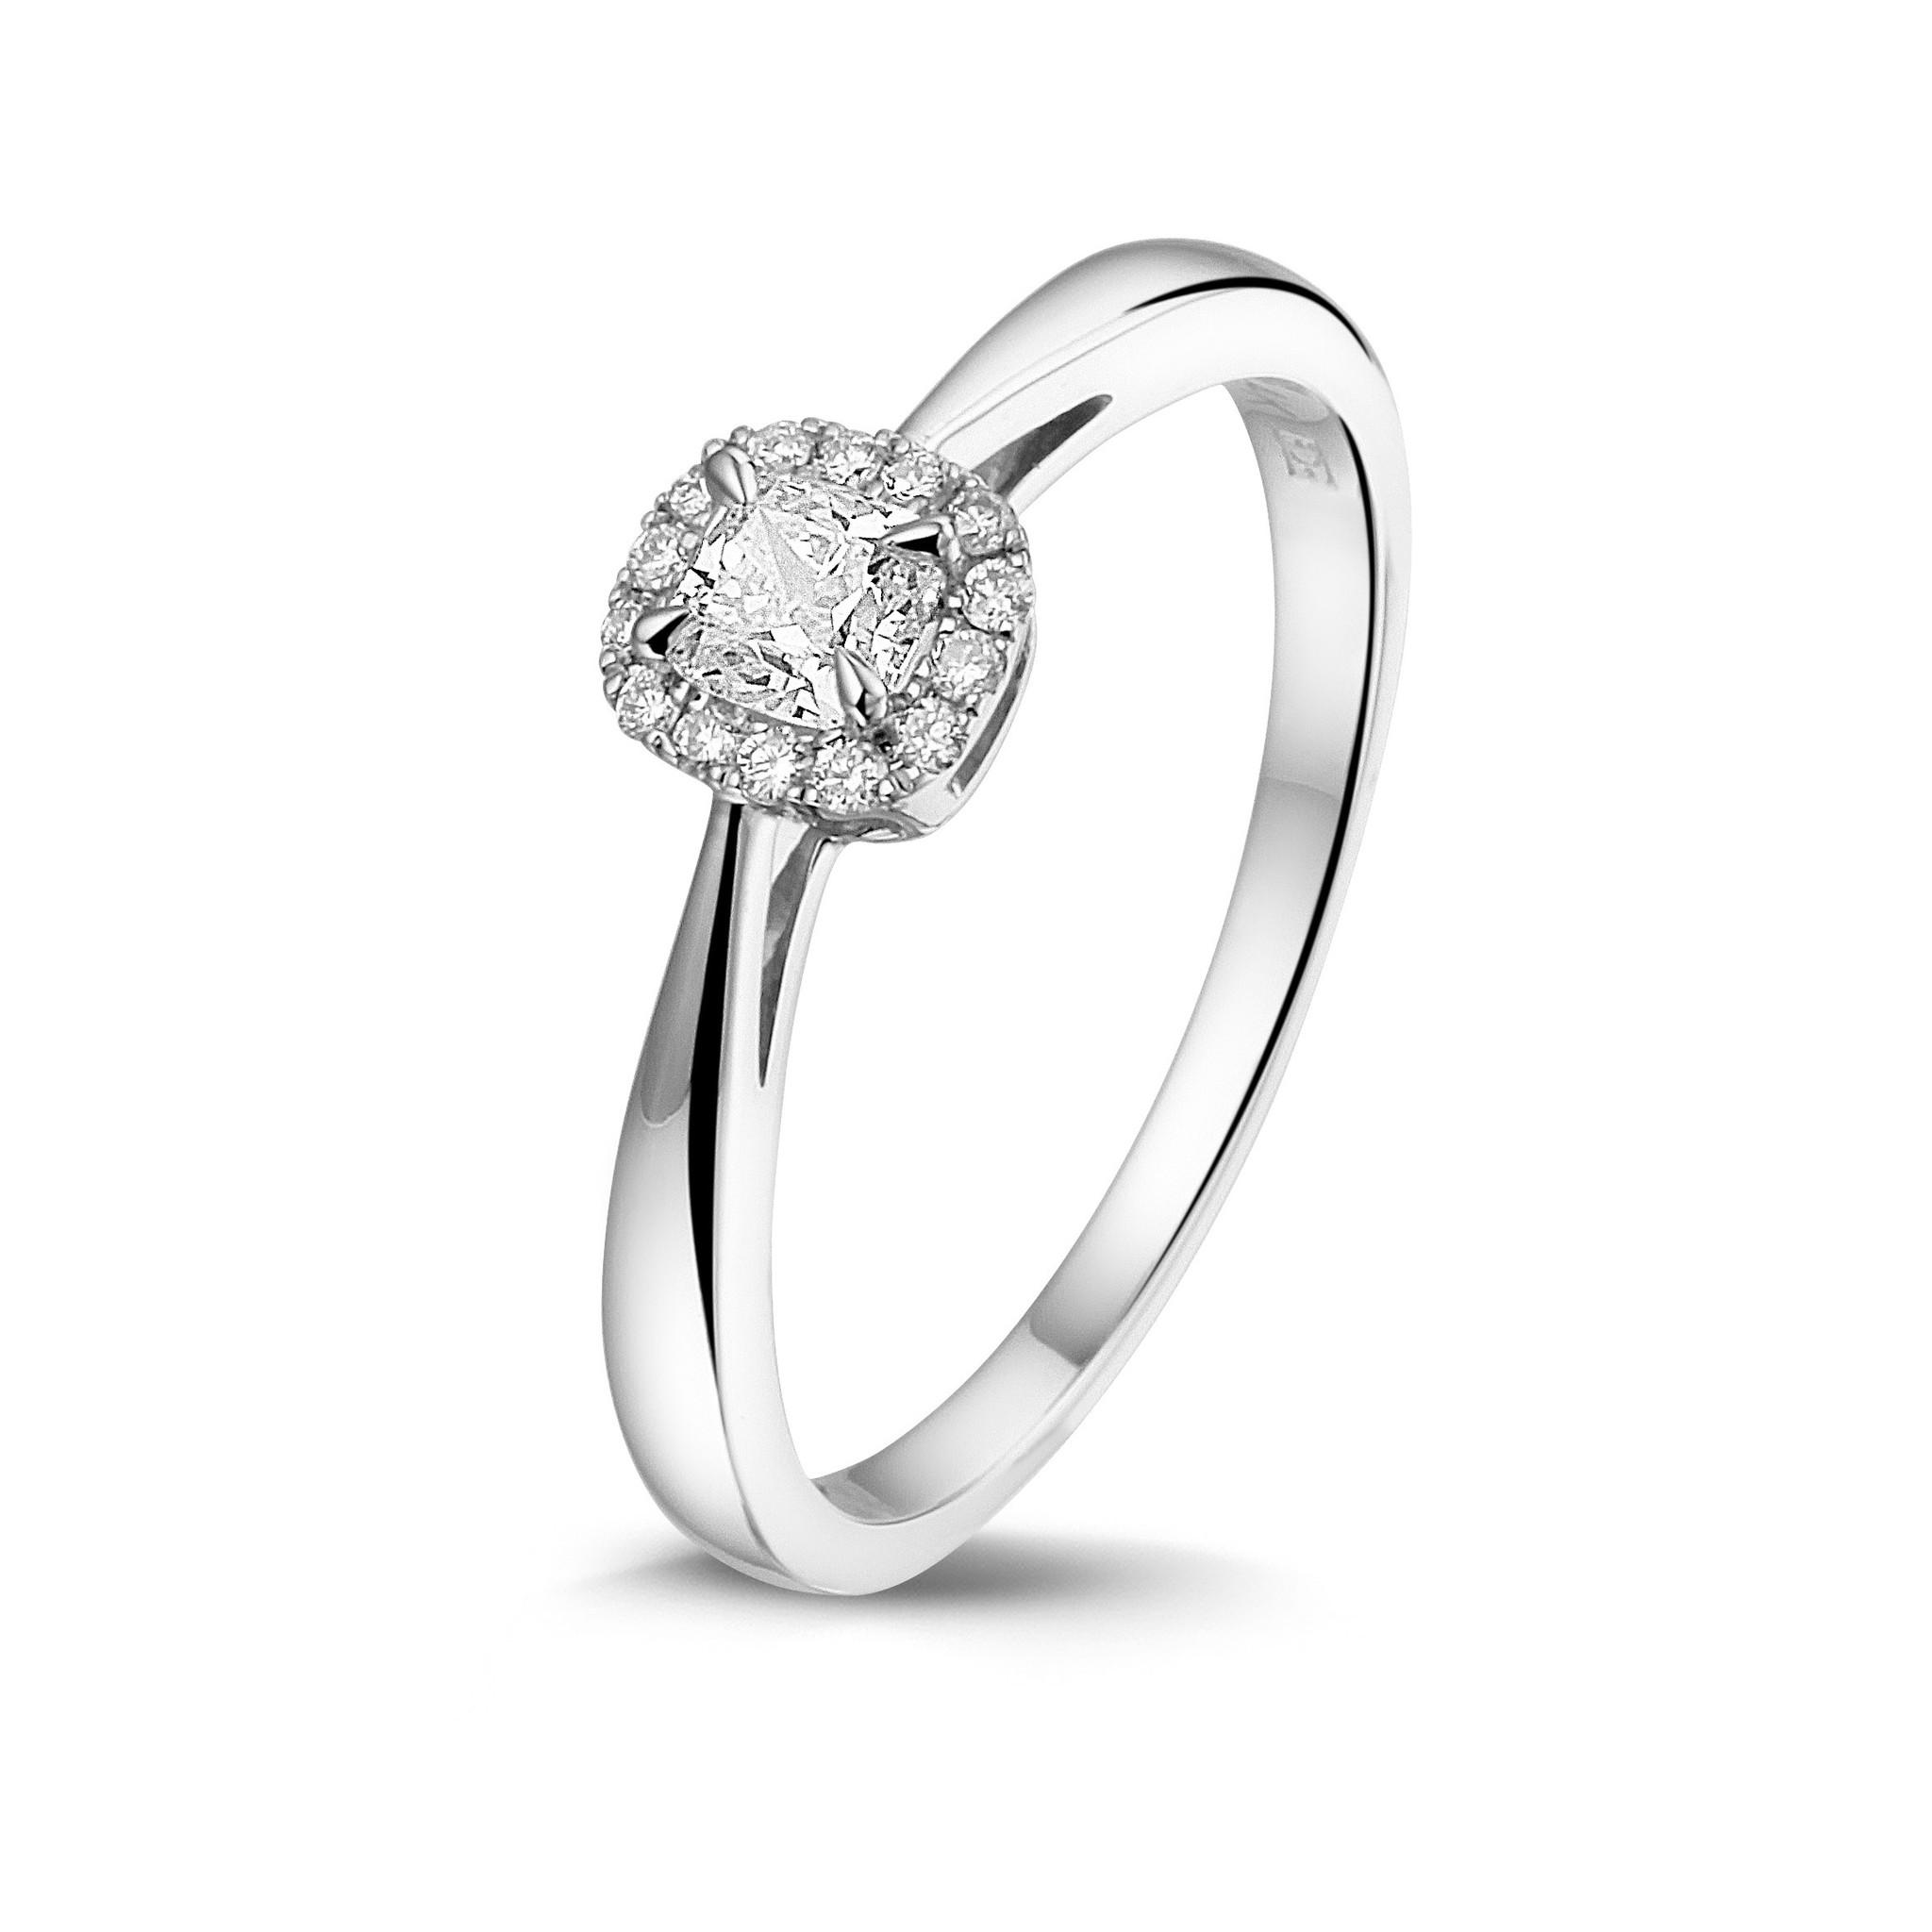 PAS Een 14kt. Witgouden entourage ring met cushion diamant van 0,25ct. en 14 briljanten 0,07 ct.  Wesselton/SI